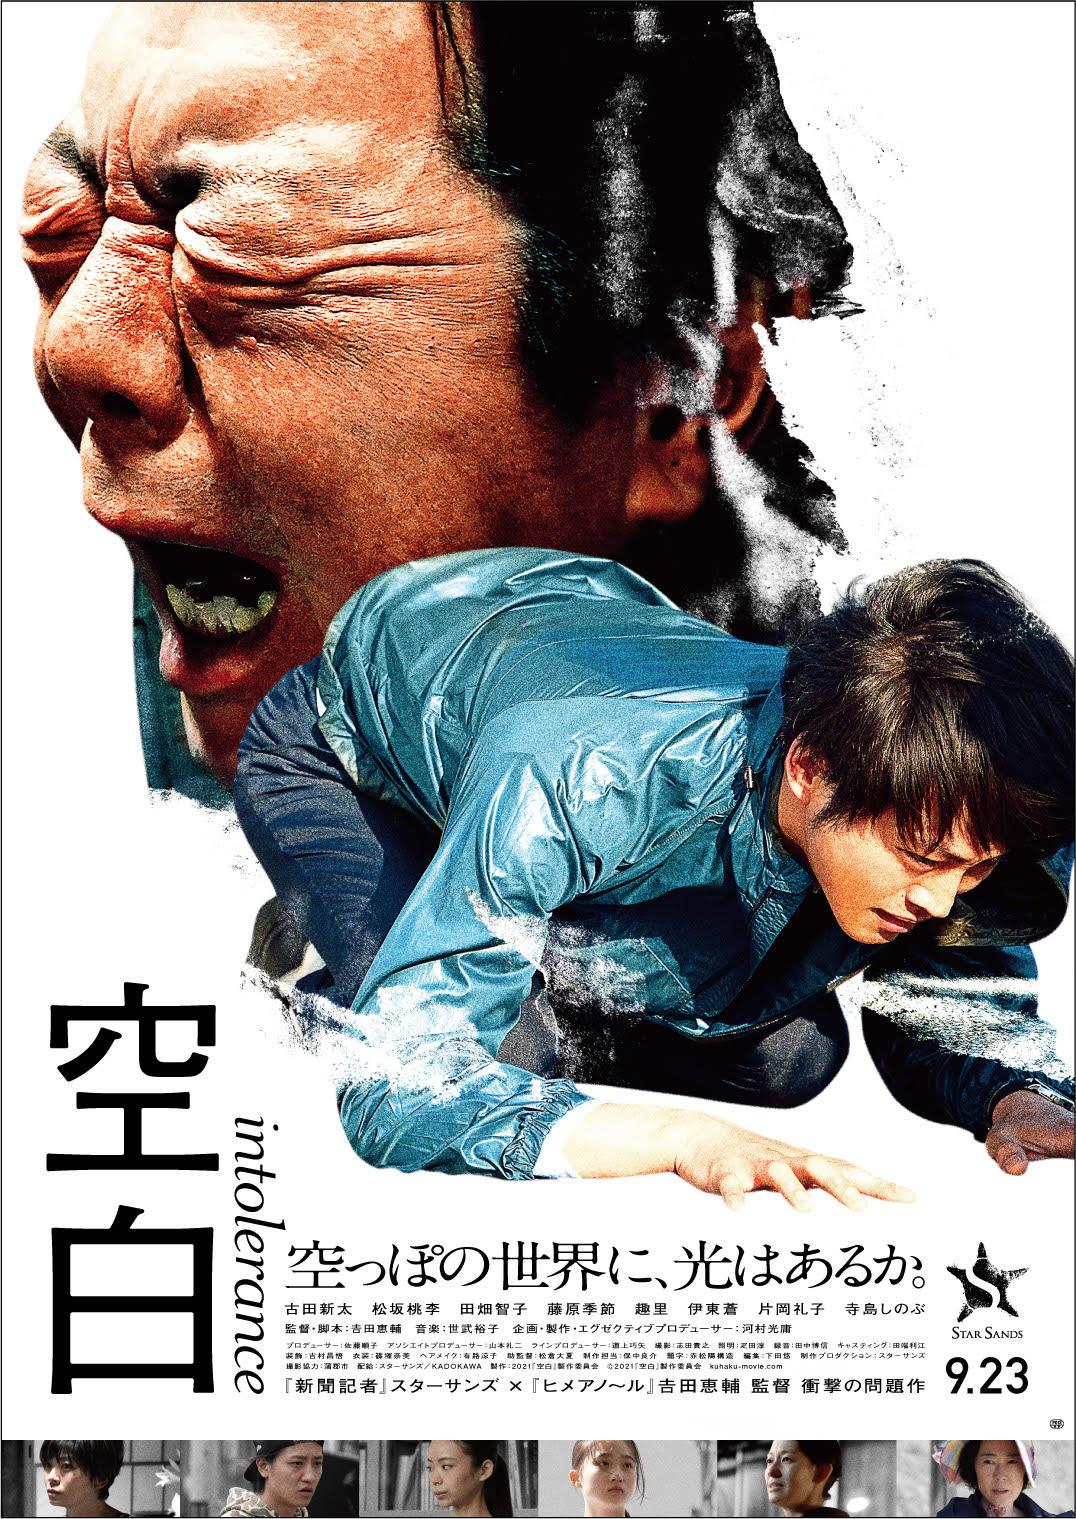 「いつかデッドプール役を演じたい」 映画『空白』主演の古田新太が語る、愛嬌溢れるキャラクターに惹かれる理由